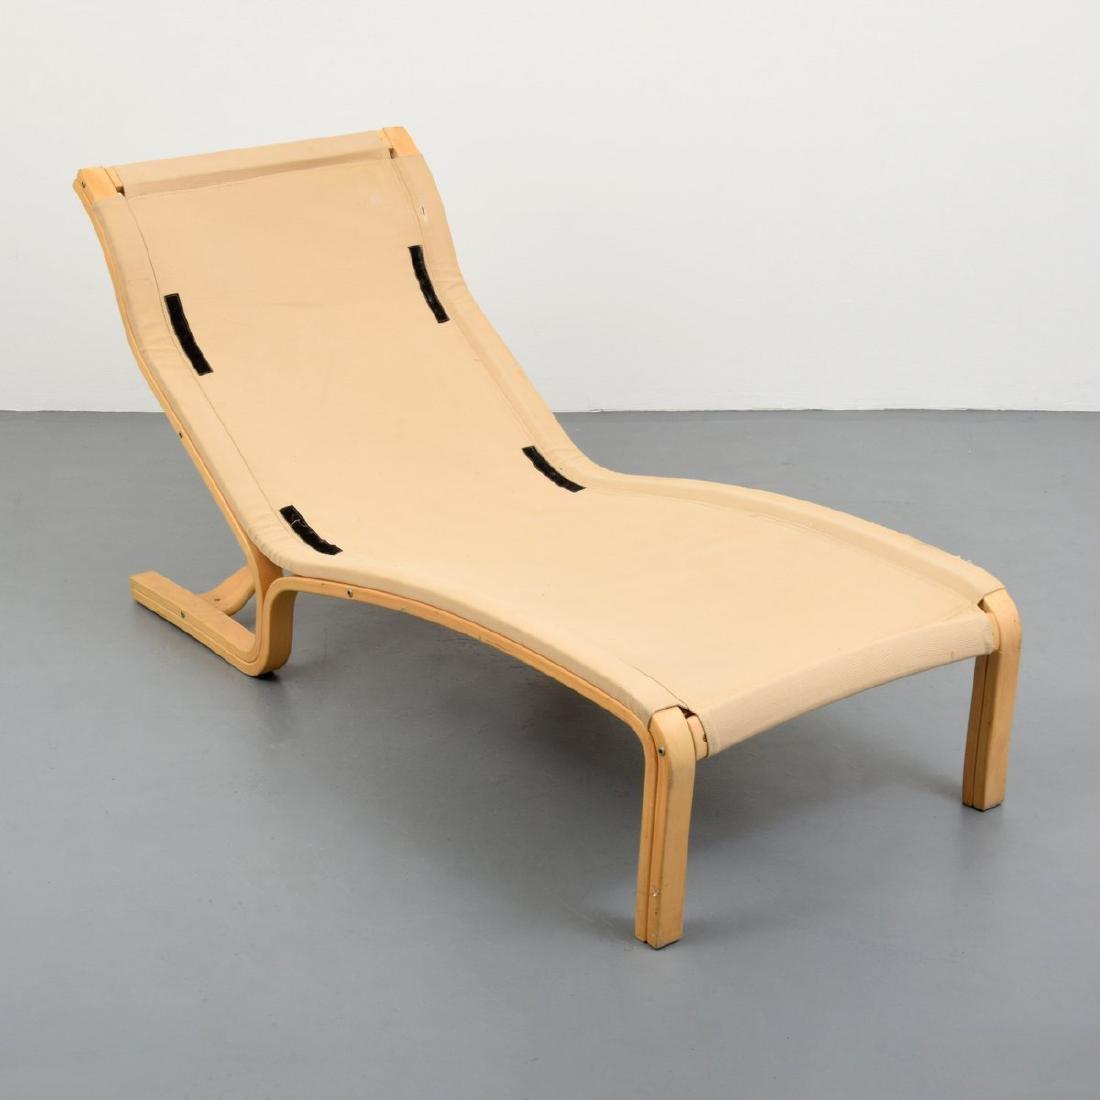 Esko Pajamies Chaise Lounge Chair - 6